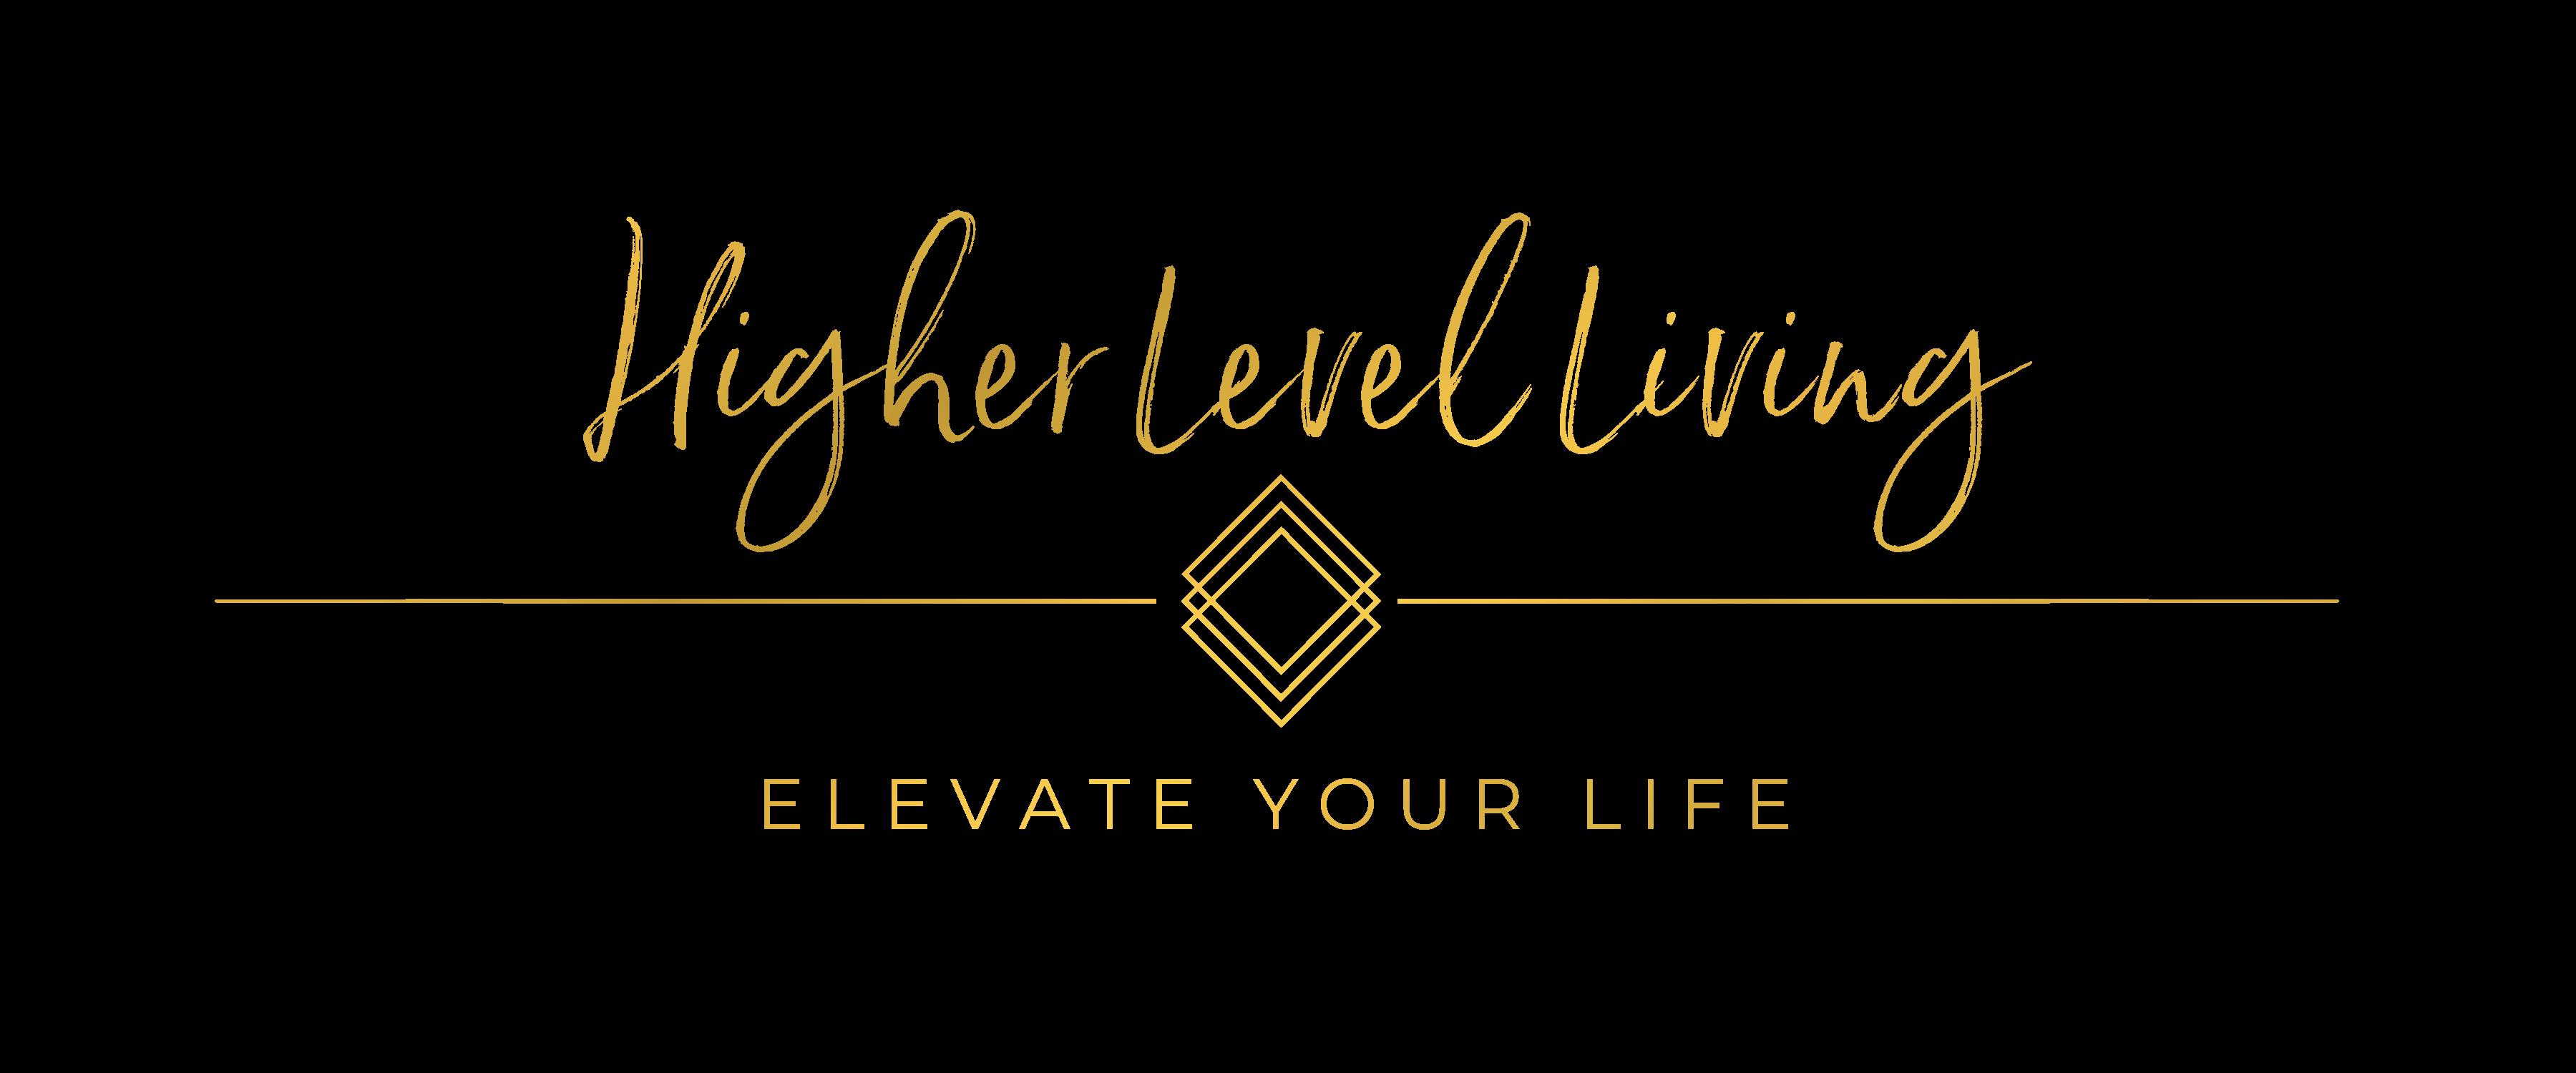 Higher Level Living